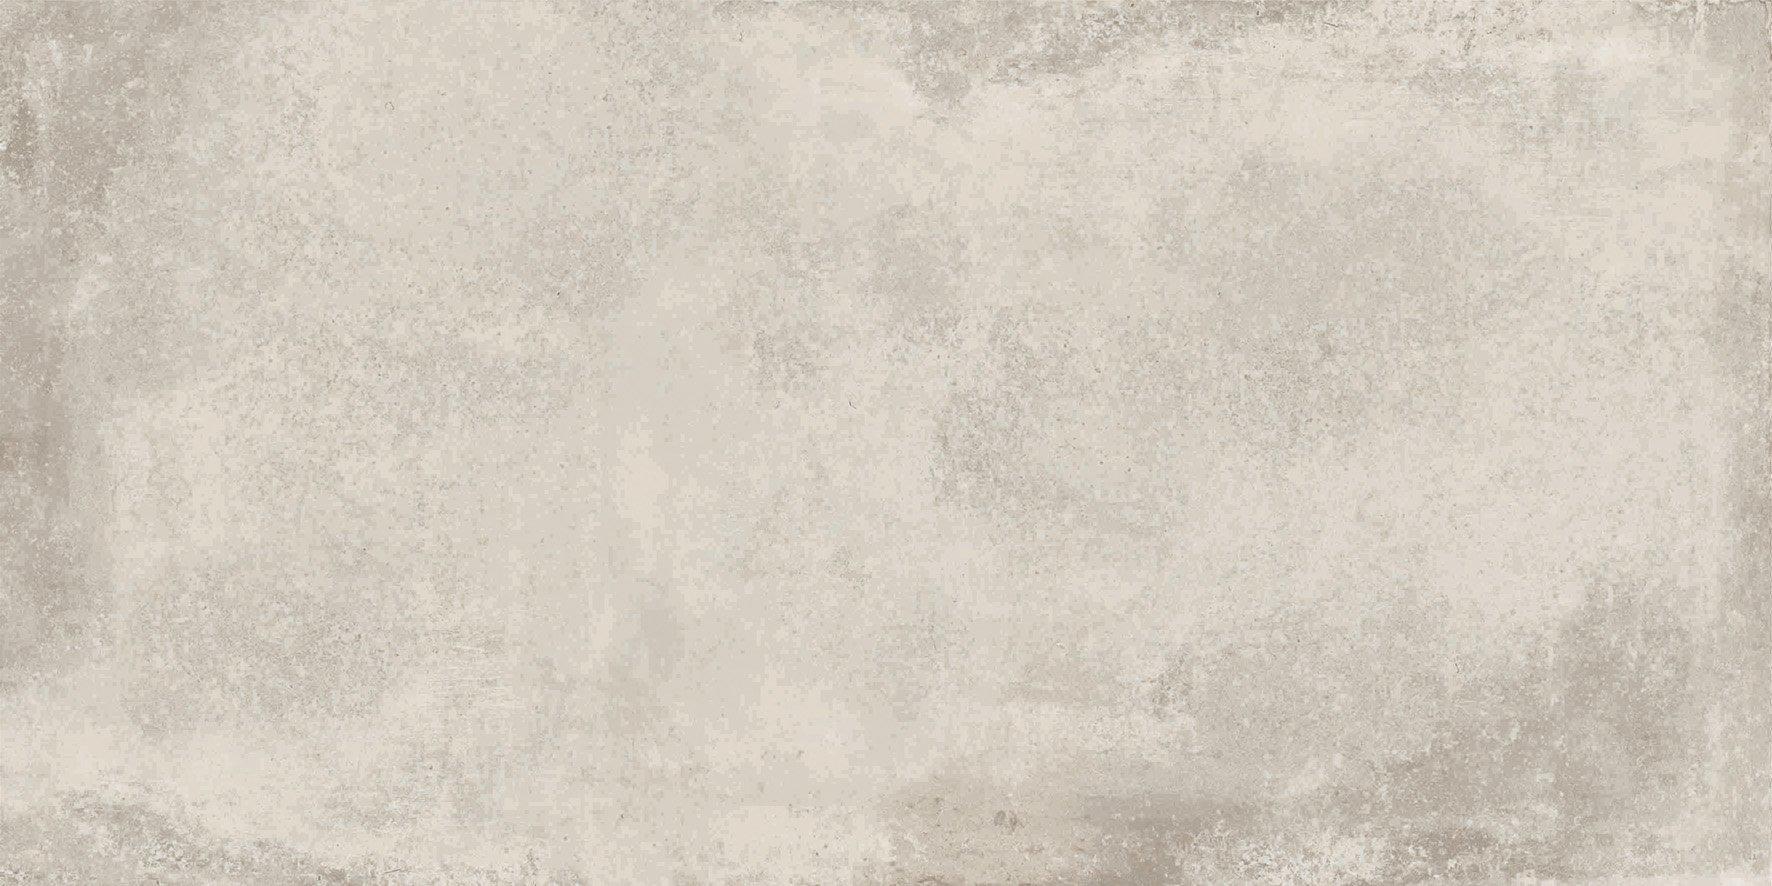 Porcelain cement lavatory tile  VTCM612 VTCM613 VTCM614 VTCM615 VTCM616 30x60 60x60 45x90cm/12x24' 24x24' 18x36'